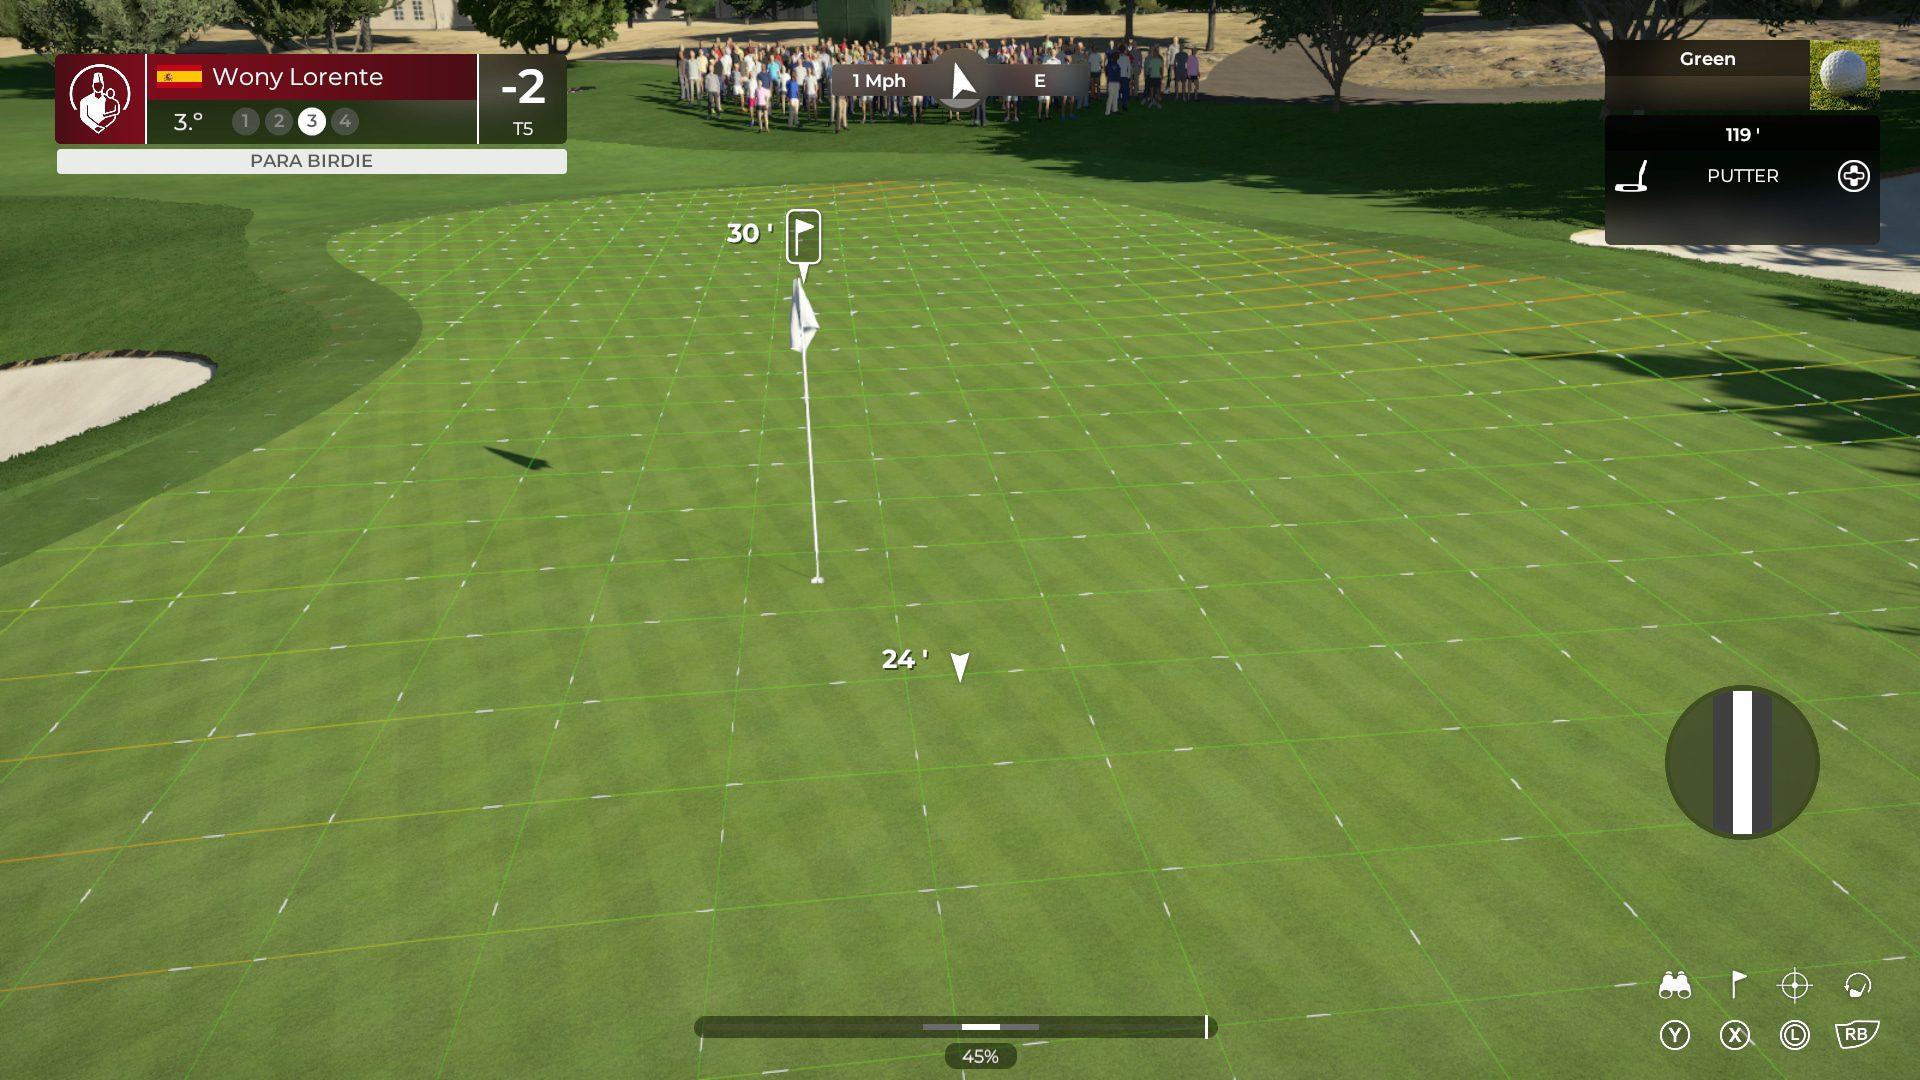 Analisis-PGA-Tour-2k21-3